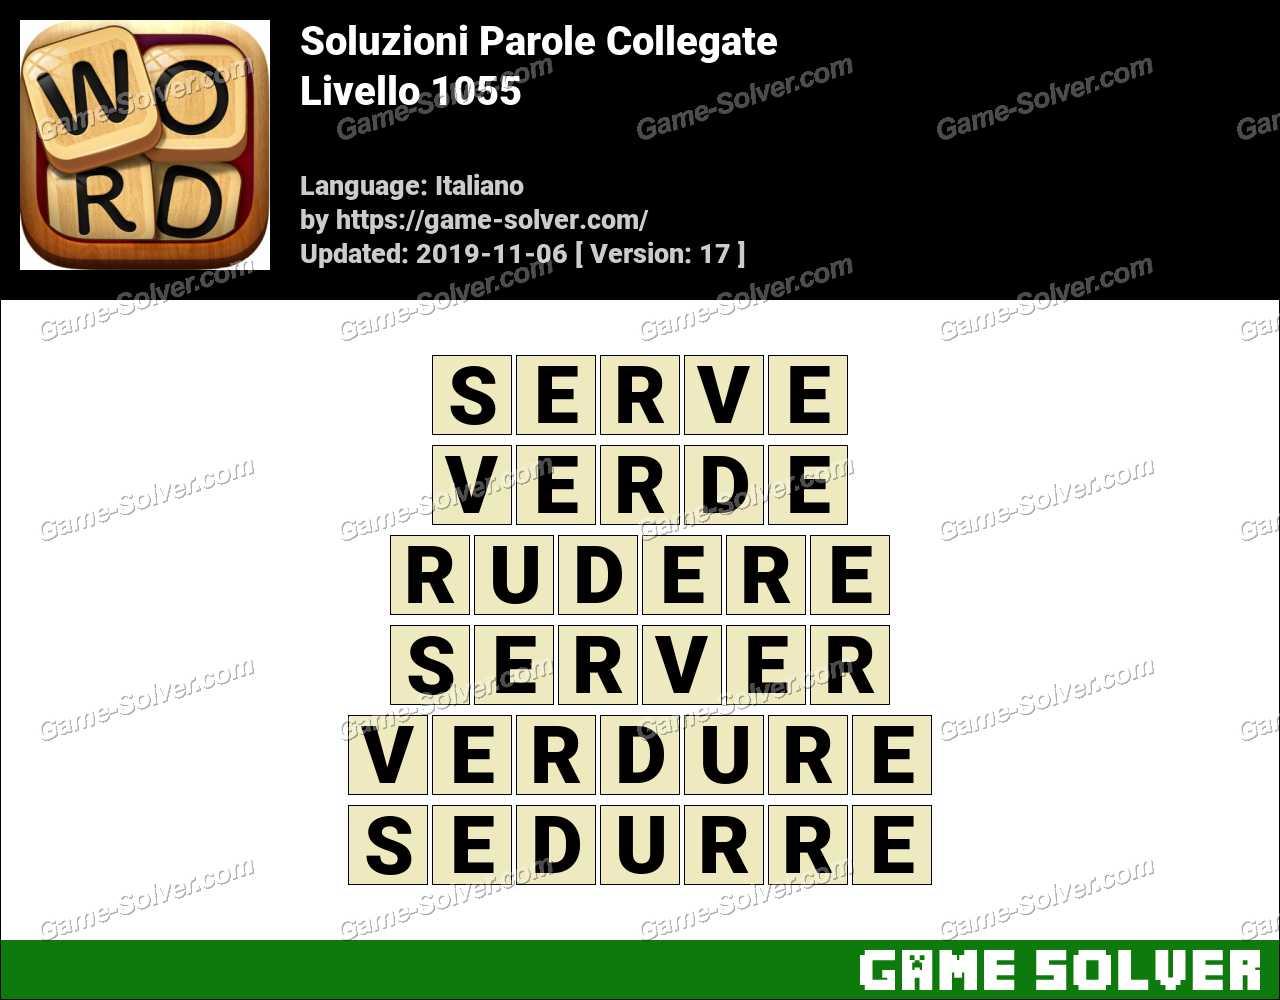 Soluzioni Parole Collegate Livello 1055